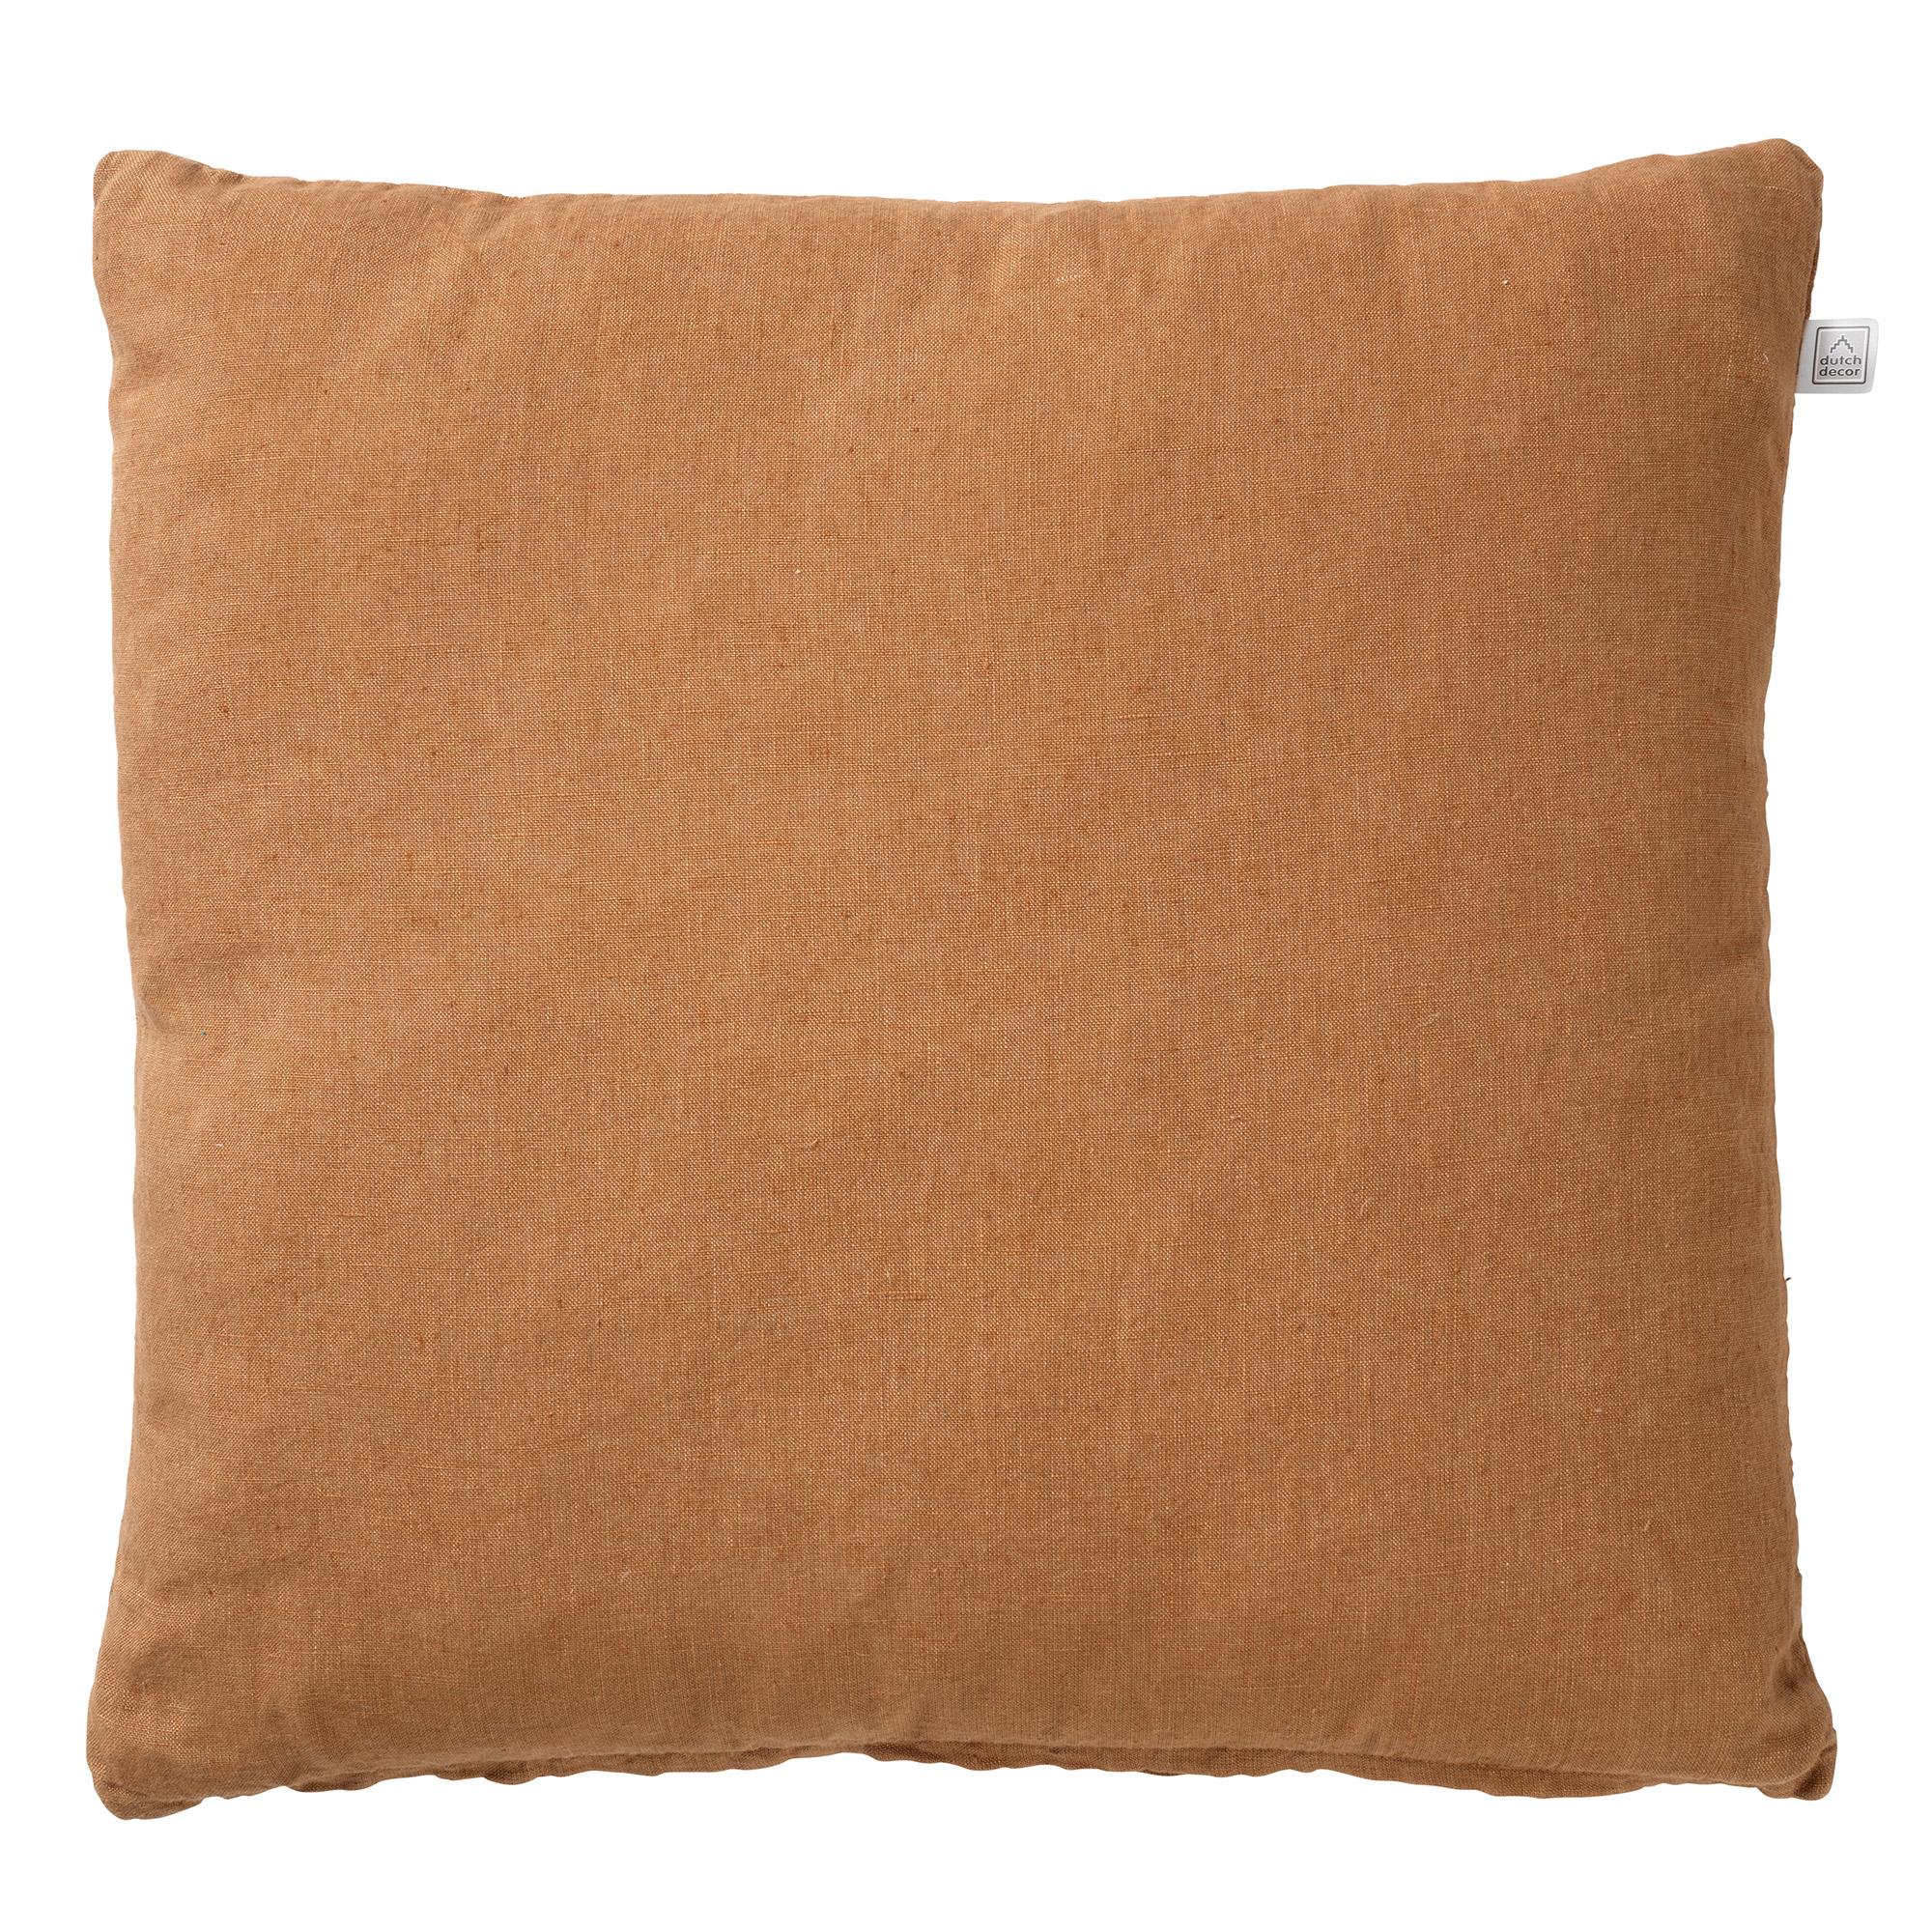 LINN - Sierkussen linnen Tobacco Brown 45x45 cm